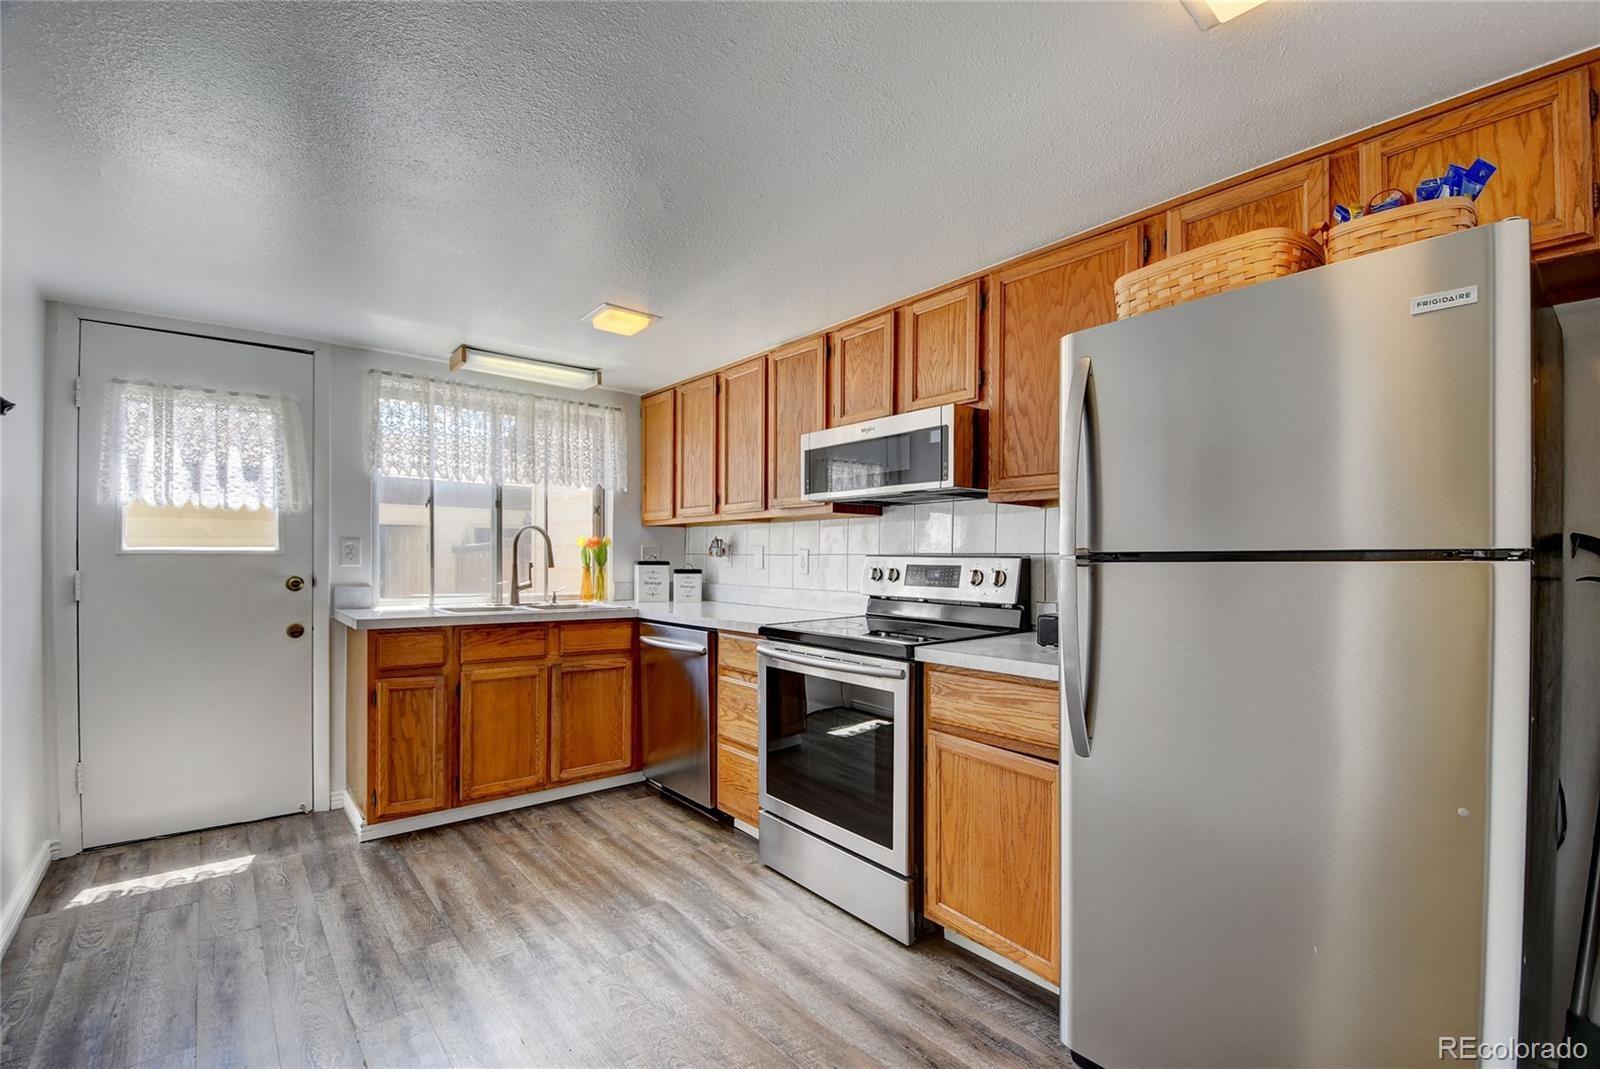 MLS# 5588277 - 8 - 16046 E Ithaca Place #B, Aurora, CO 80013